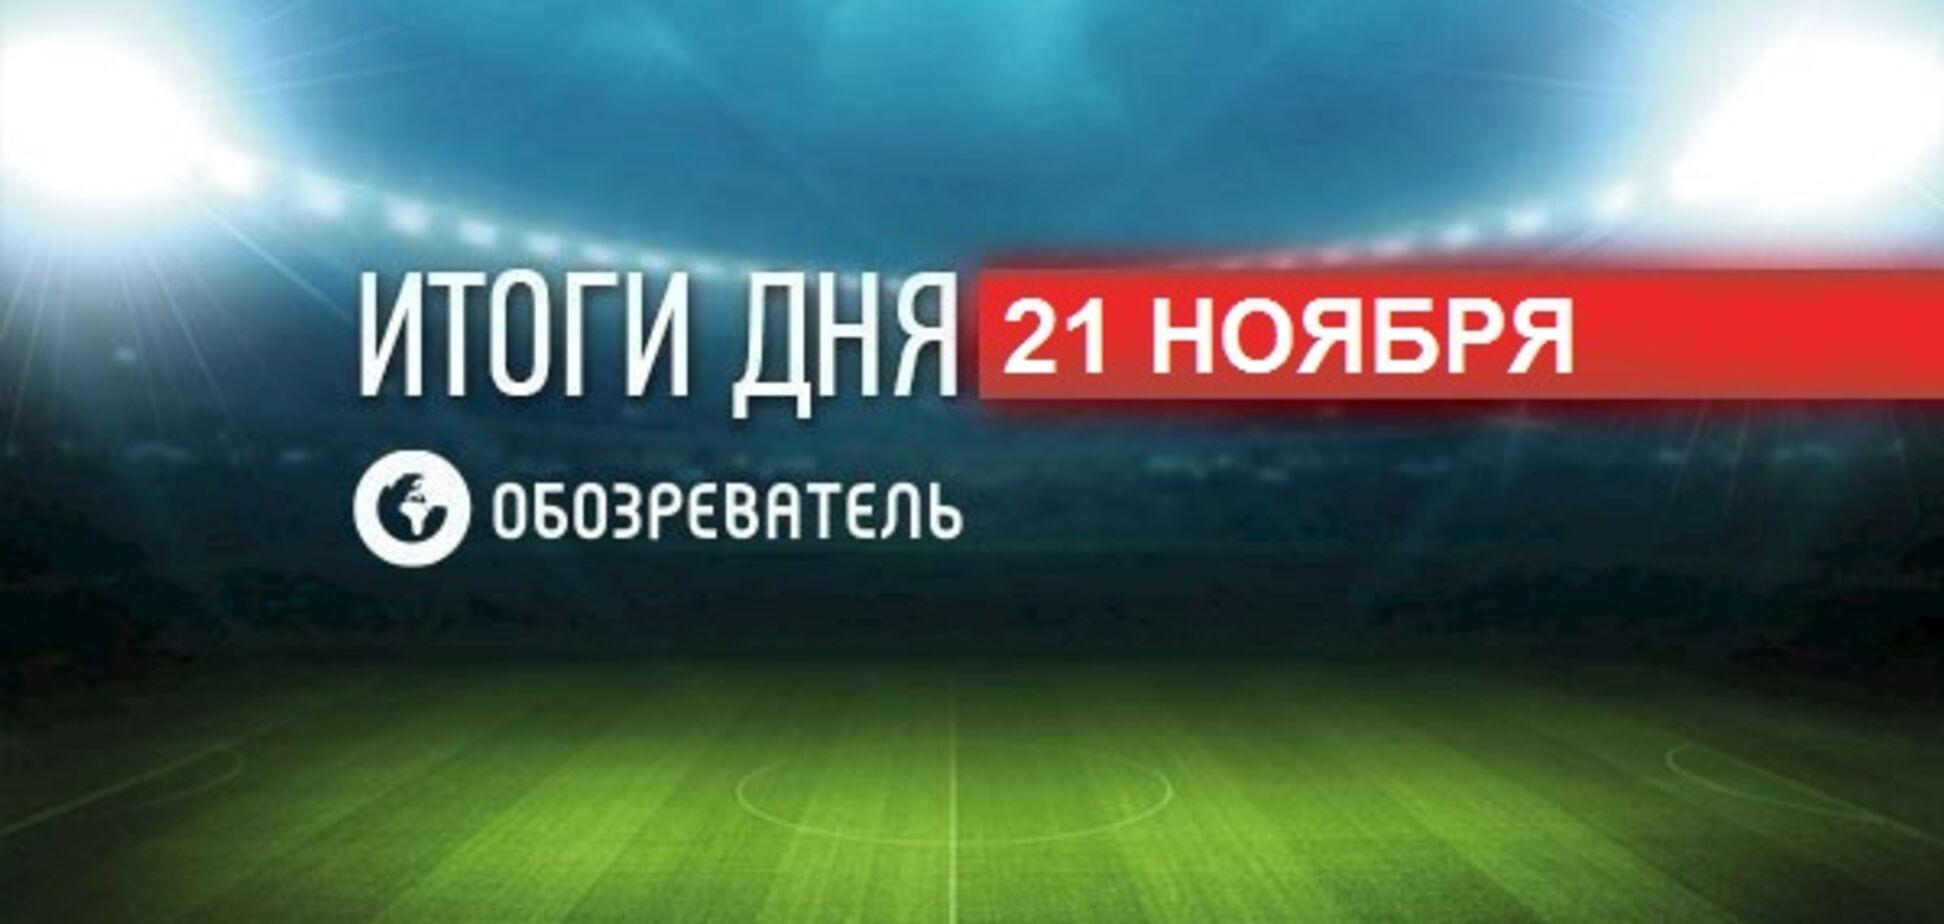 У Росії відібрали етап Кубка світу з біатлону: спортивні підсумки 21 листопада